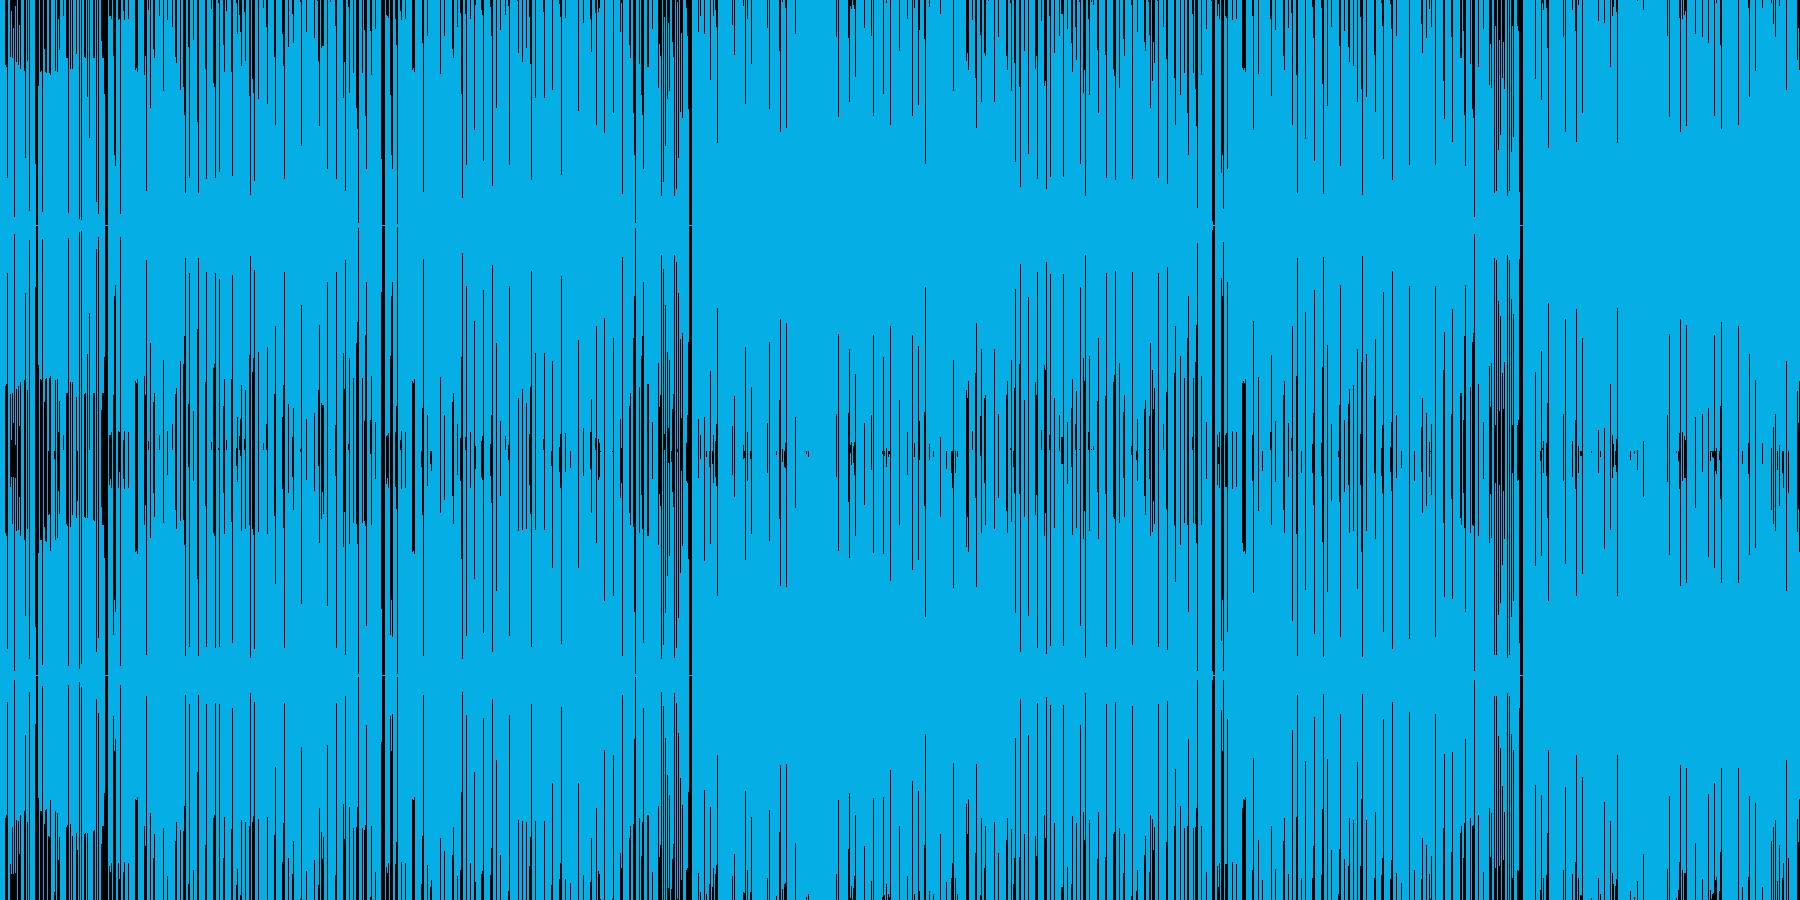 わくわくするチップチューン バラエティーの再生済みの波形